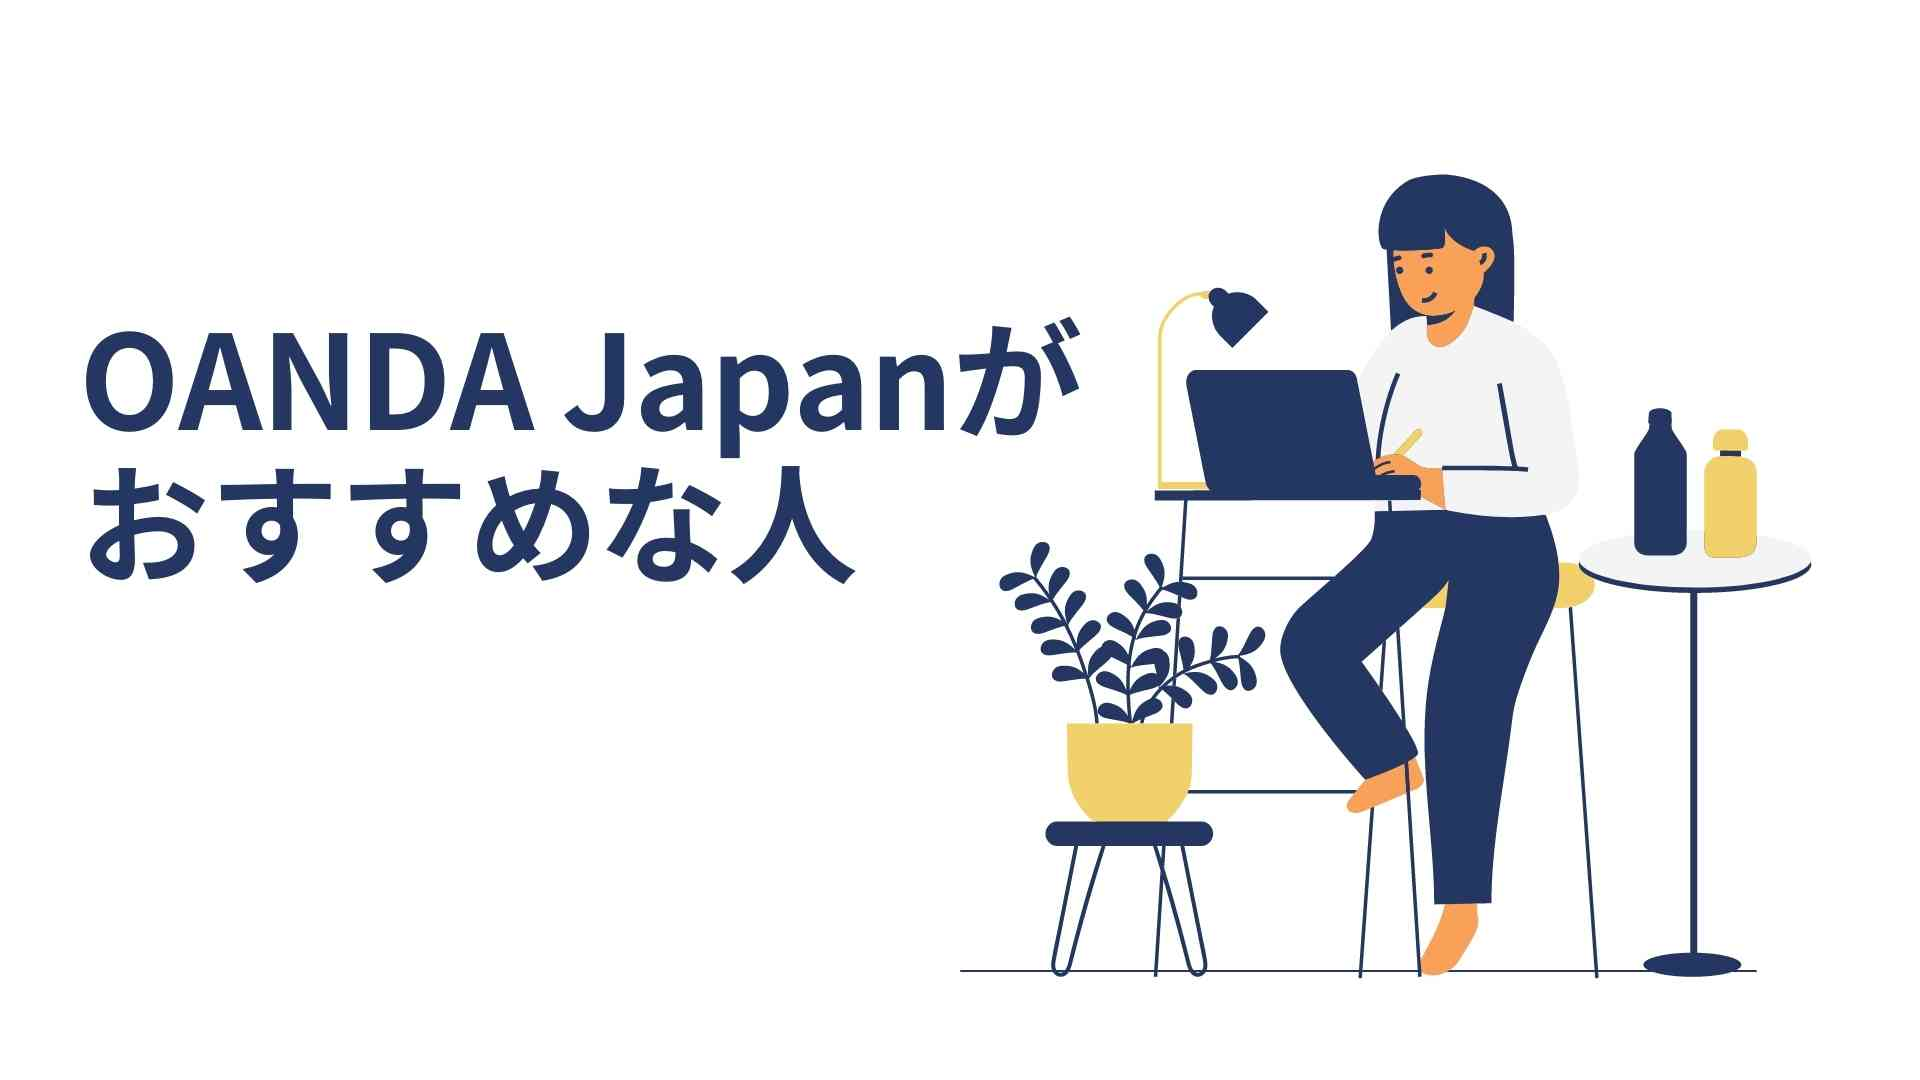 OANDA Japanがおすすめな人